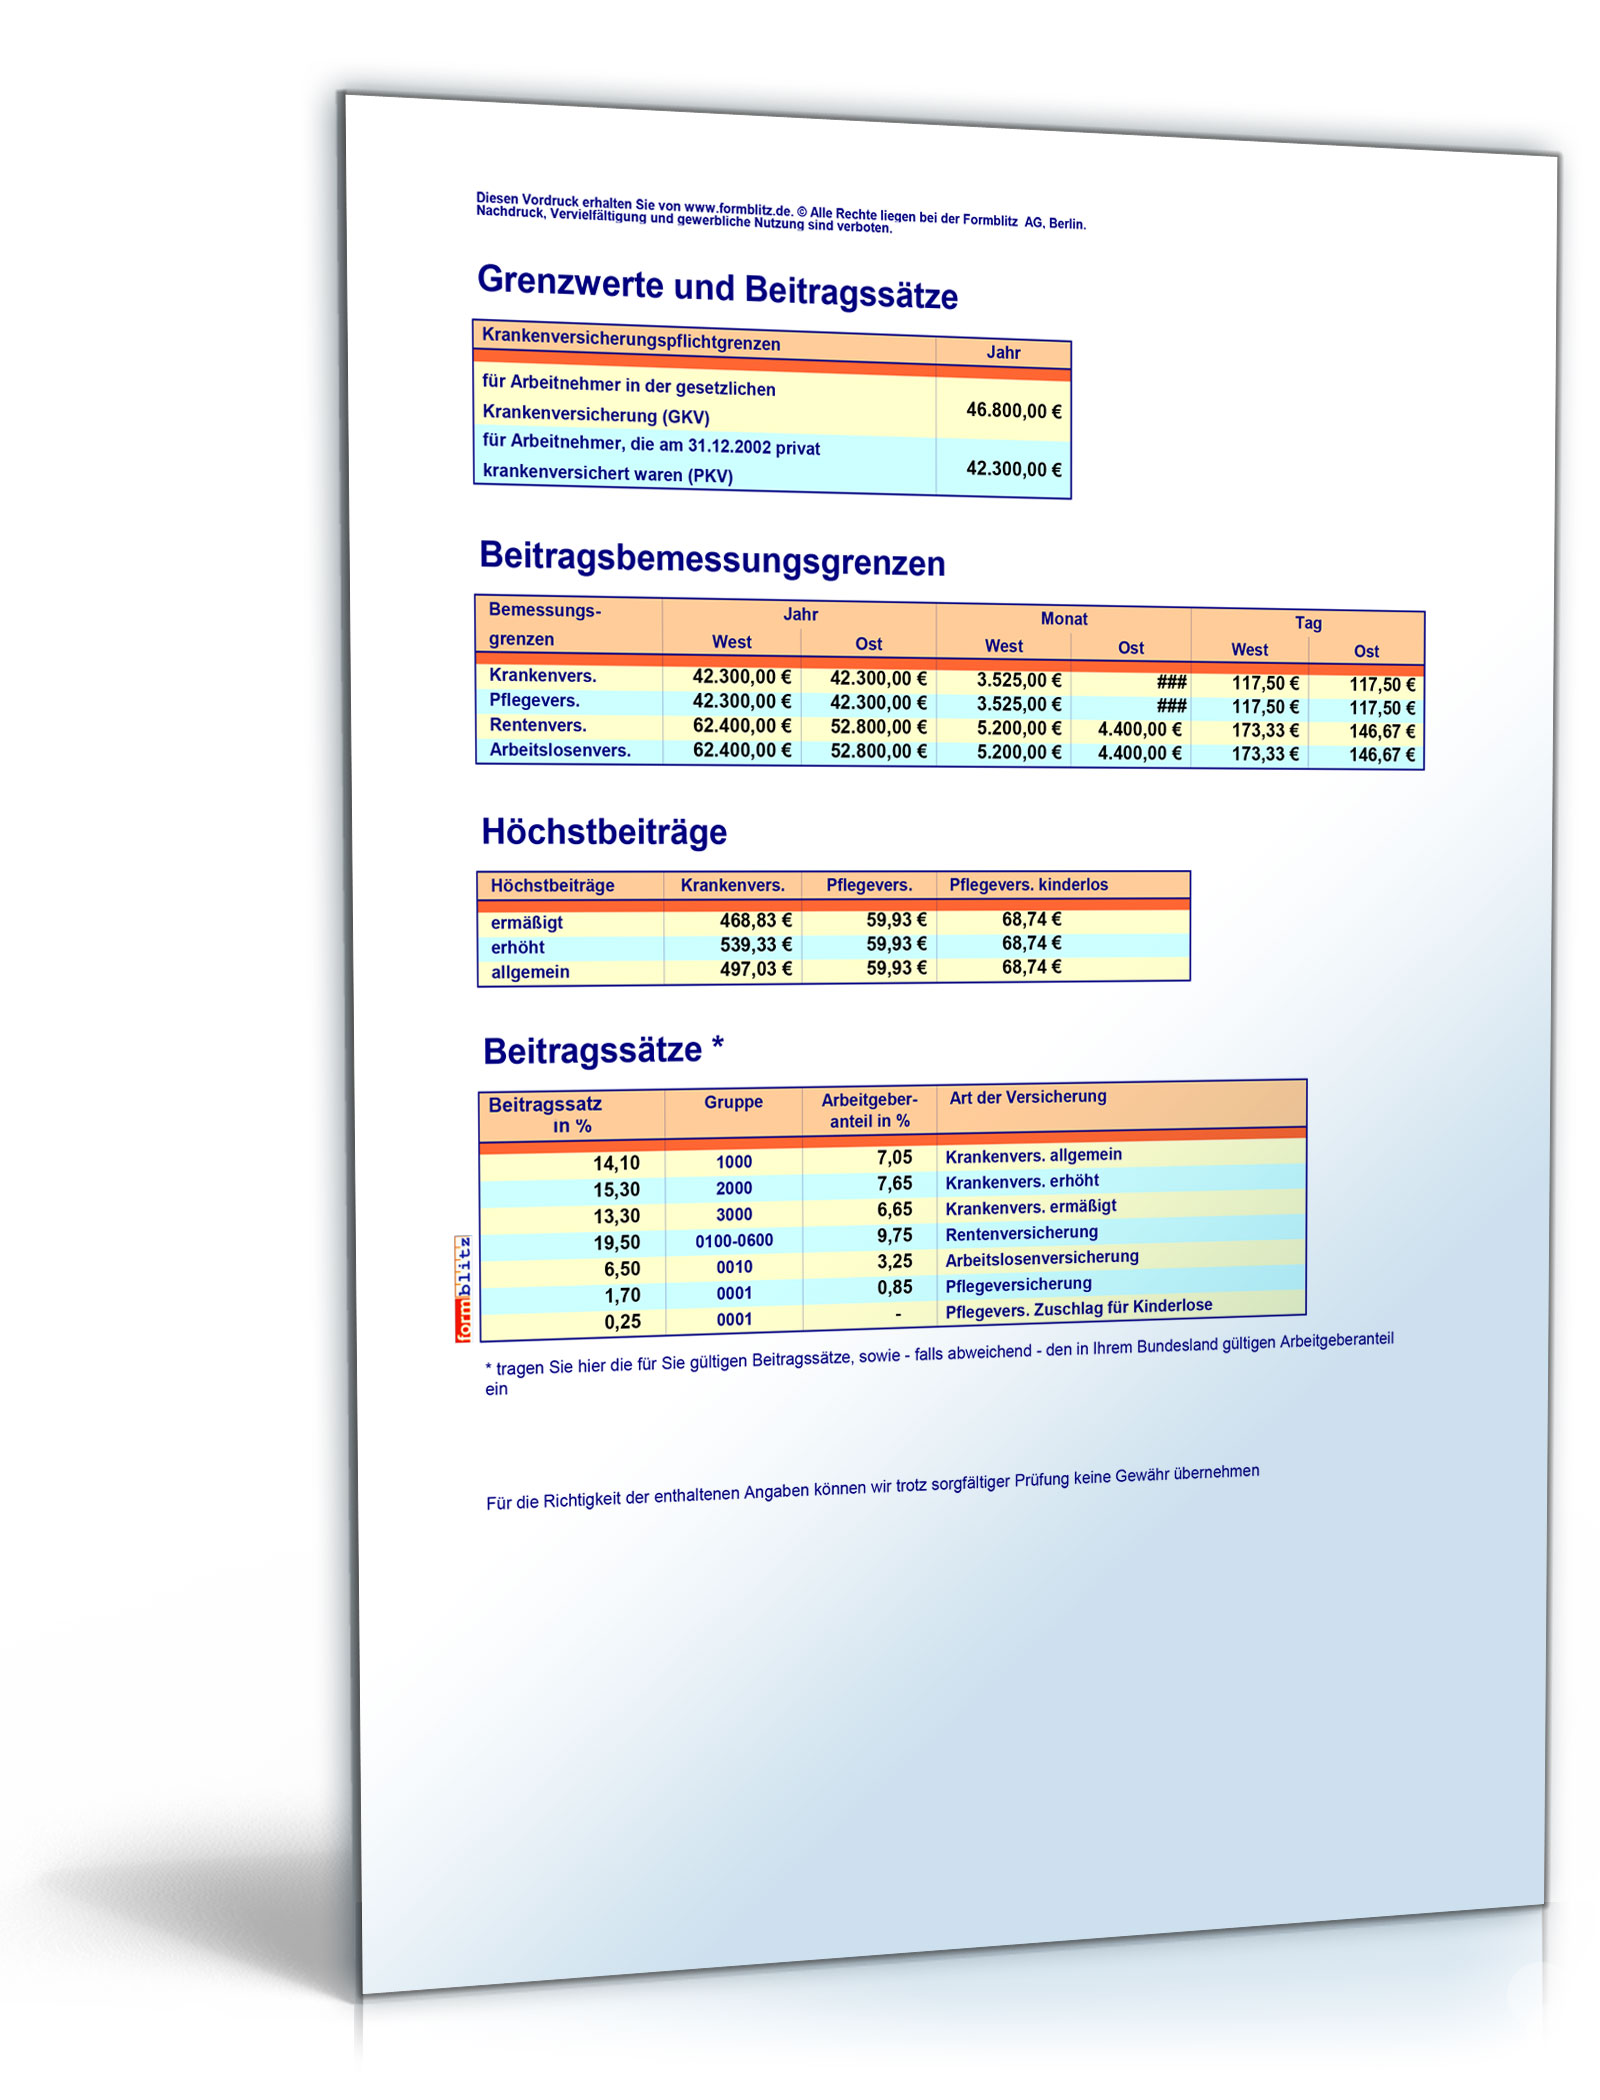 FORMBLITZ-Tabelle 2005/2006 - Sammlung div. Pauschalsätze